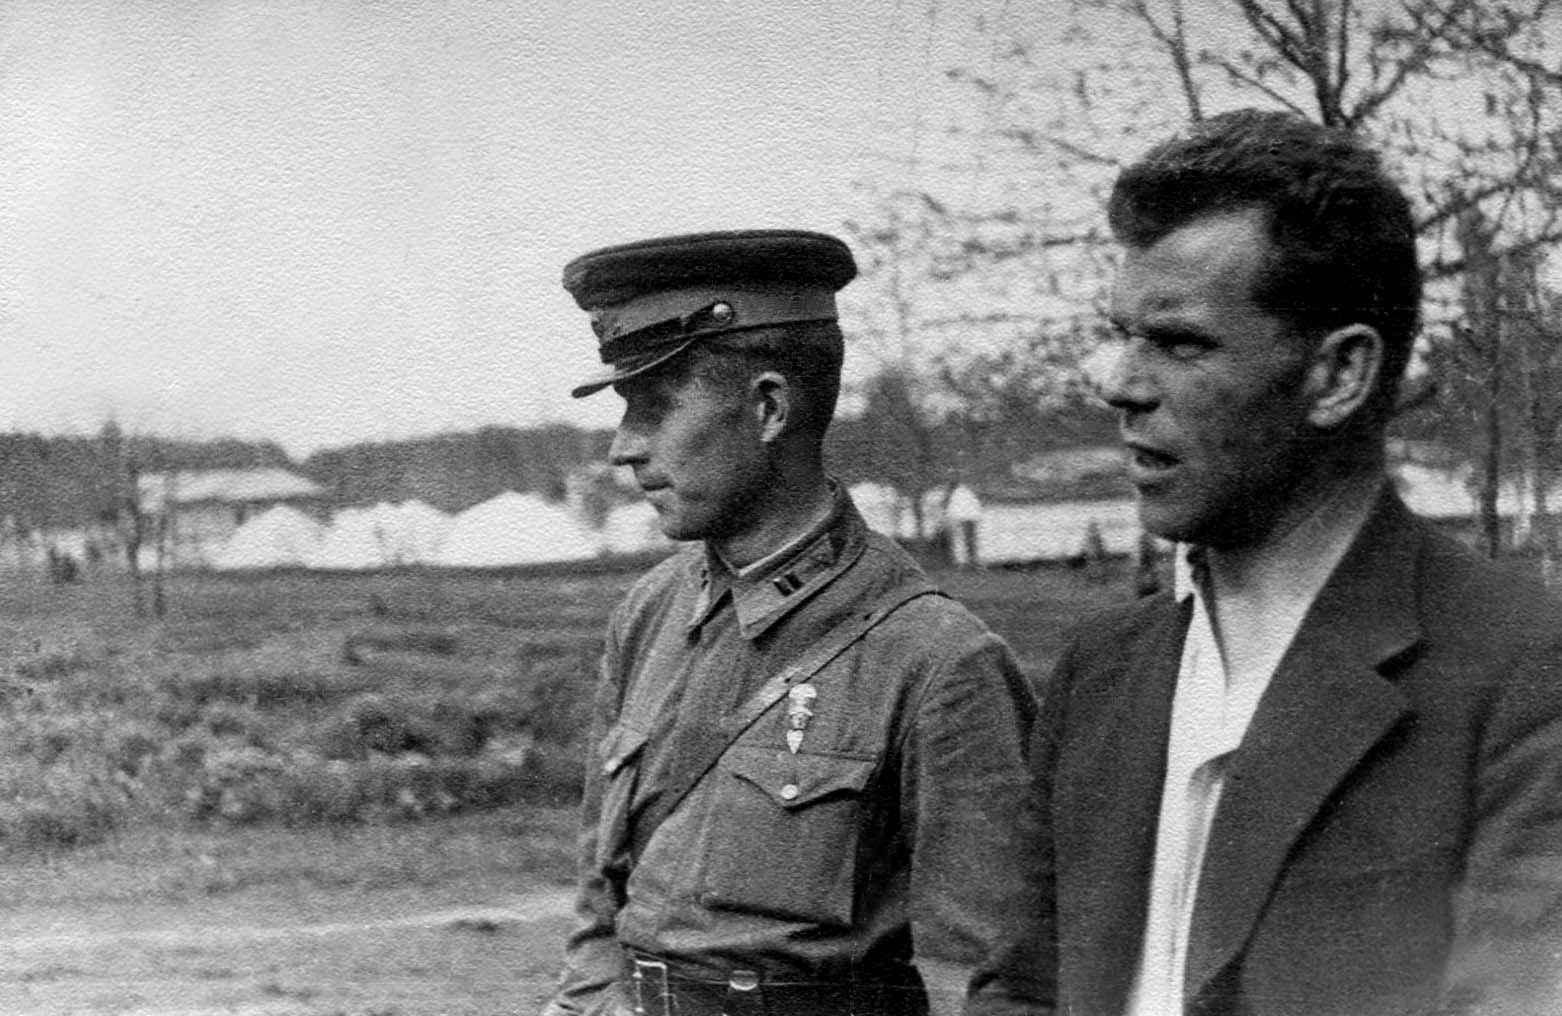 Экспонат #28. В Куйбышеве (ныне Самара). 1942 год